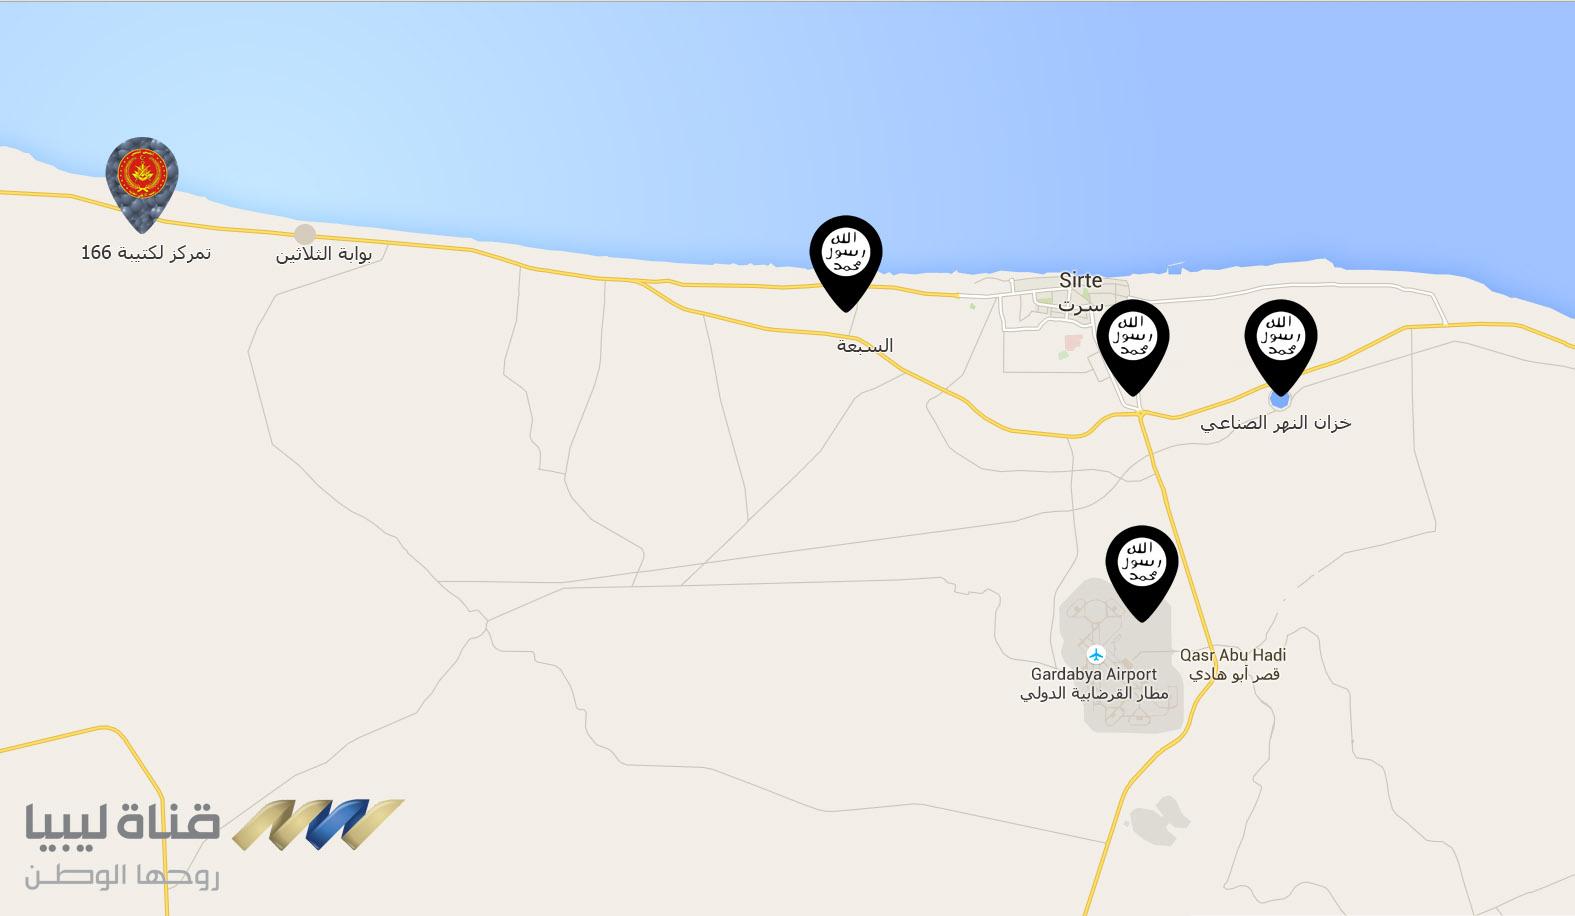 داعش تسيطر على مطار القرضابية وجهاز النهر الصناعي في سرت بعد انسحاب الكتيبة 166